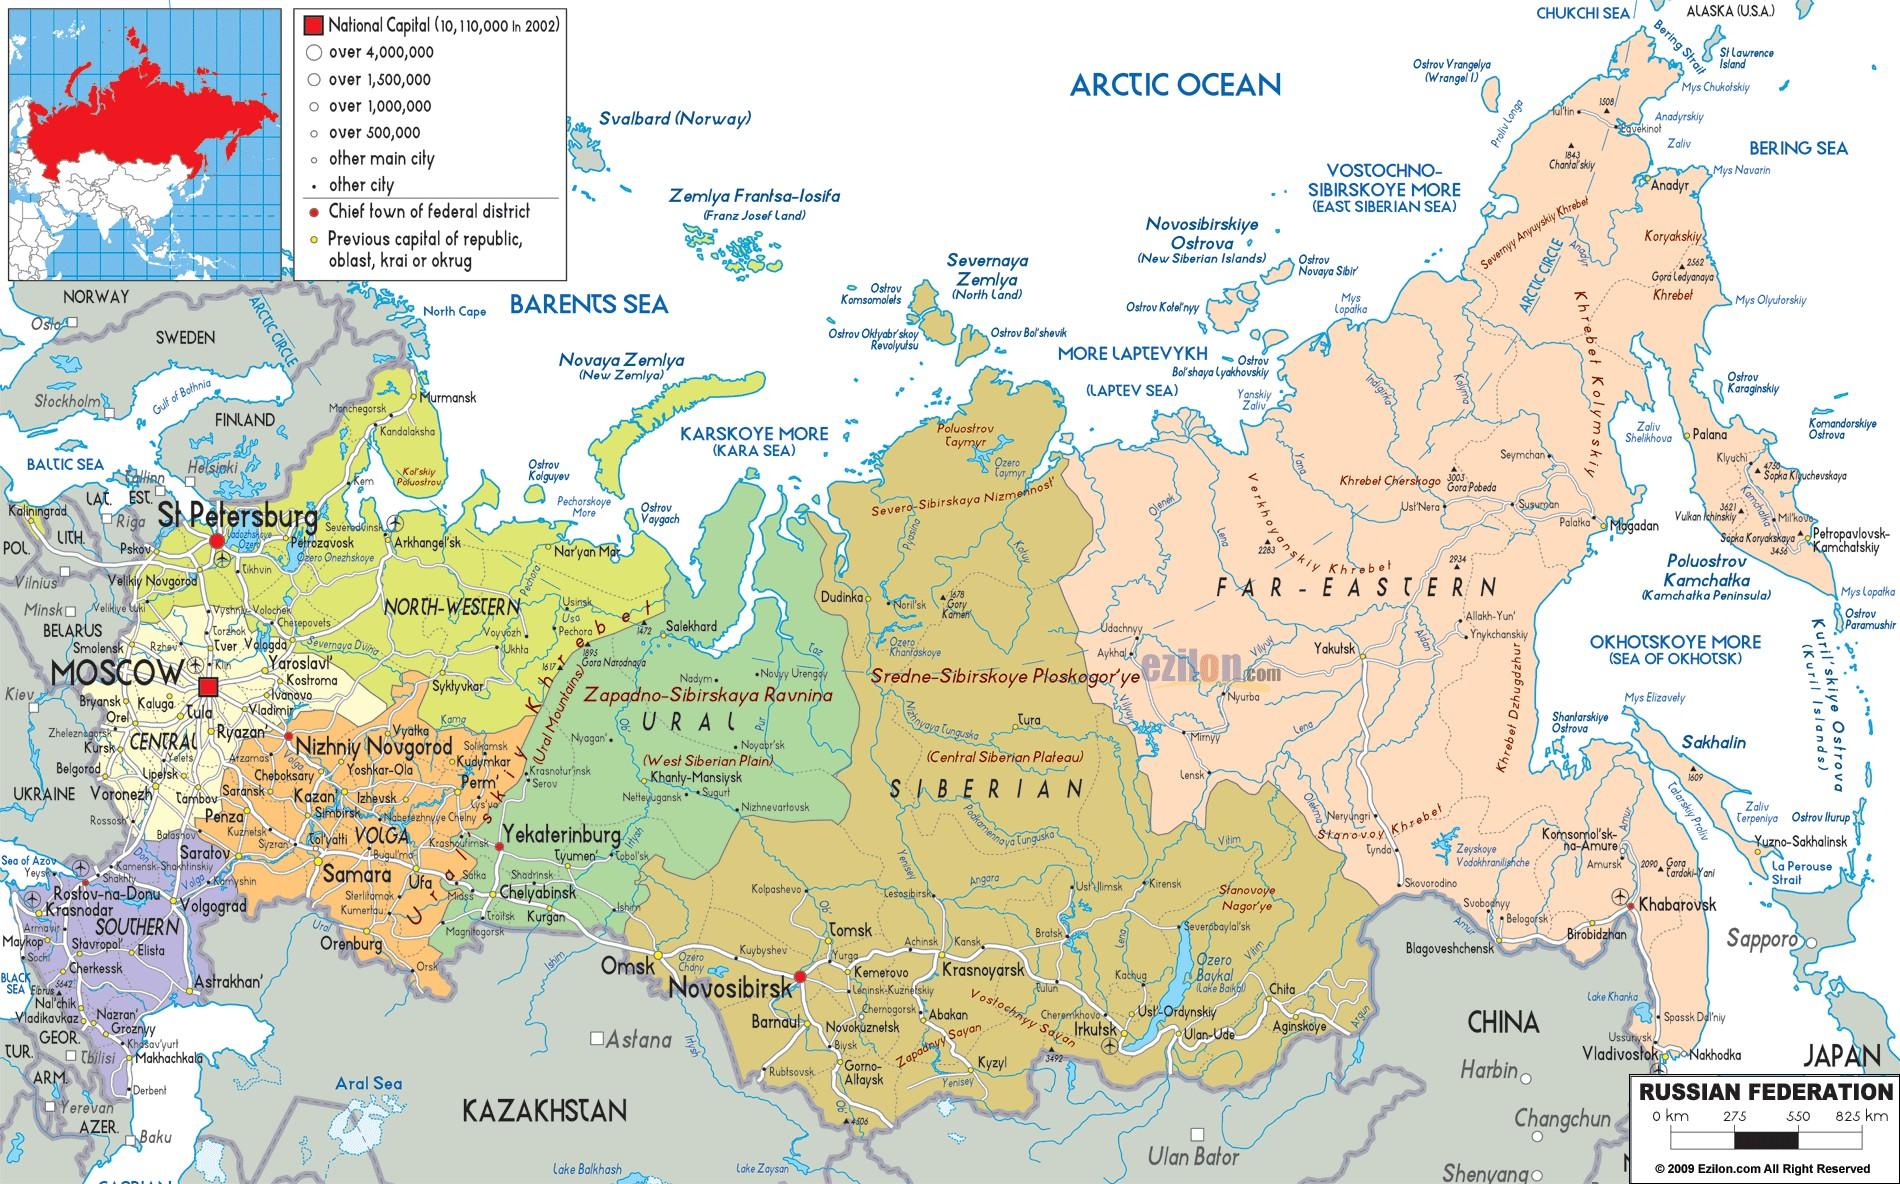 俄罗斯英文地图_俄罗斯地图查询